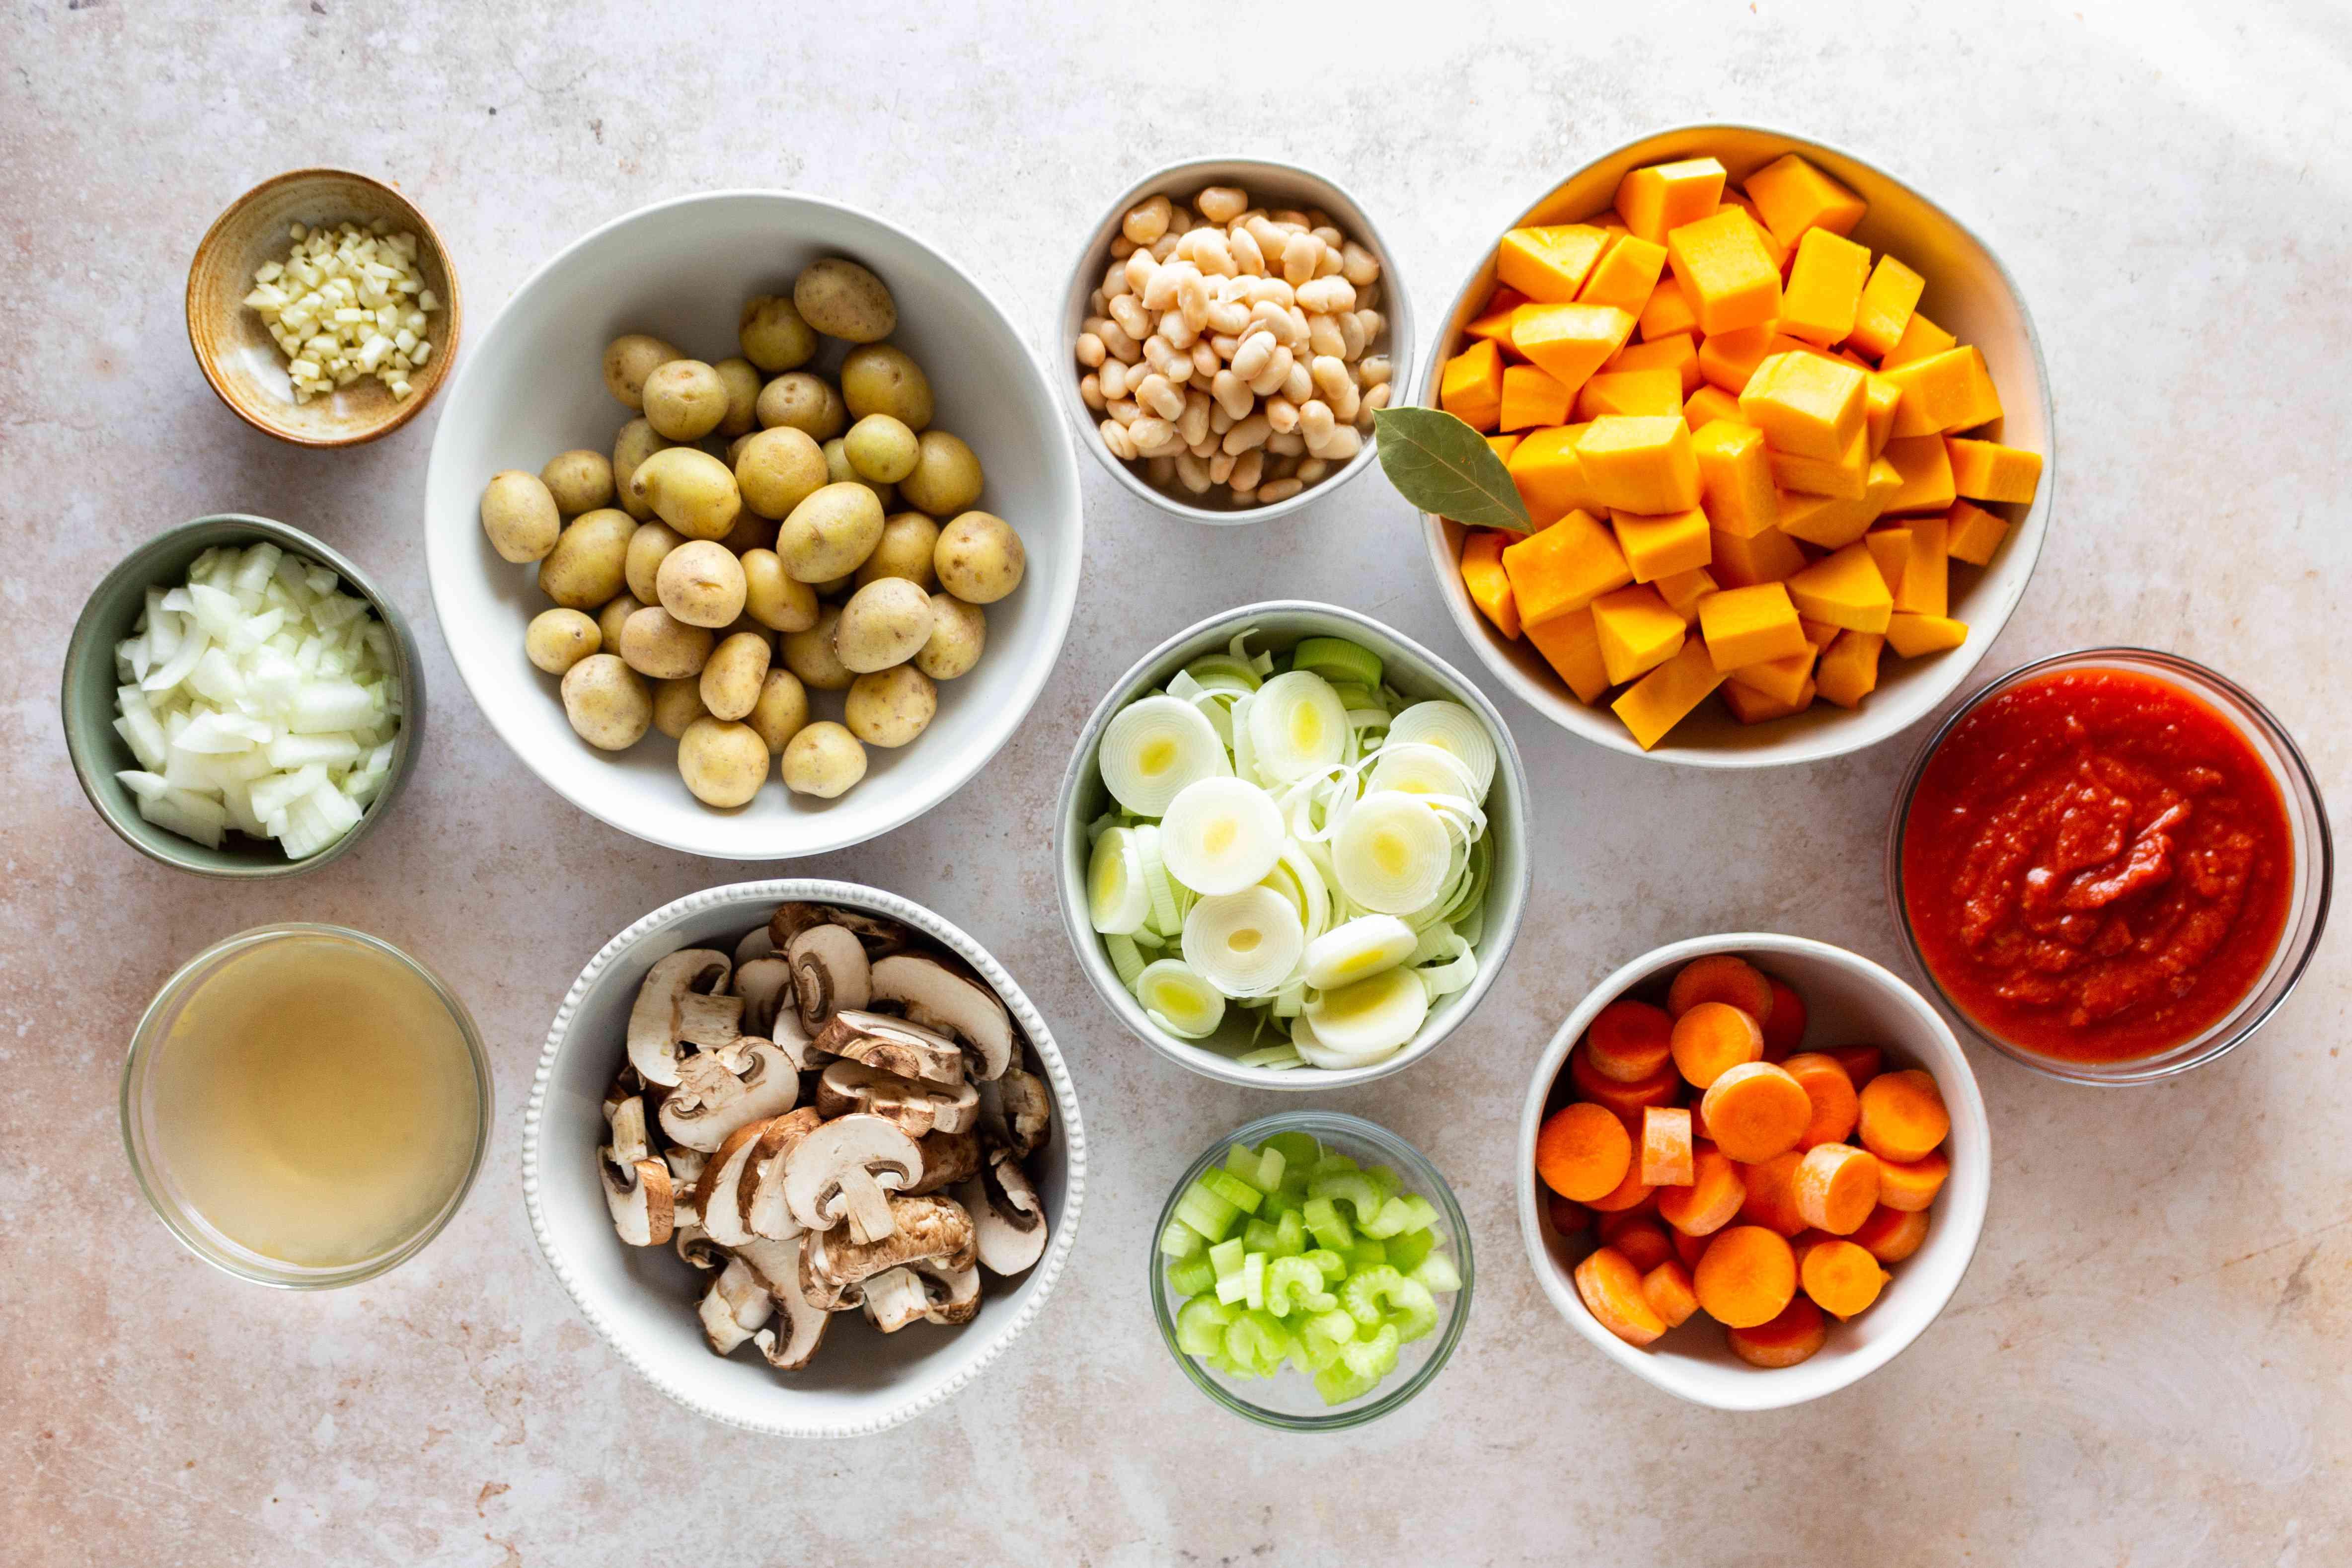 Slow Cooker Vegetable Stew ingredients